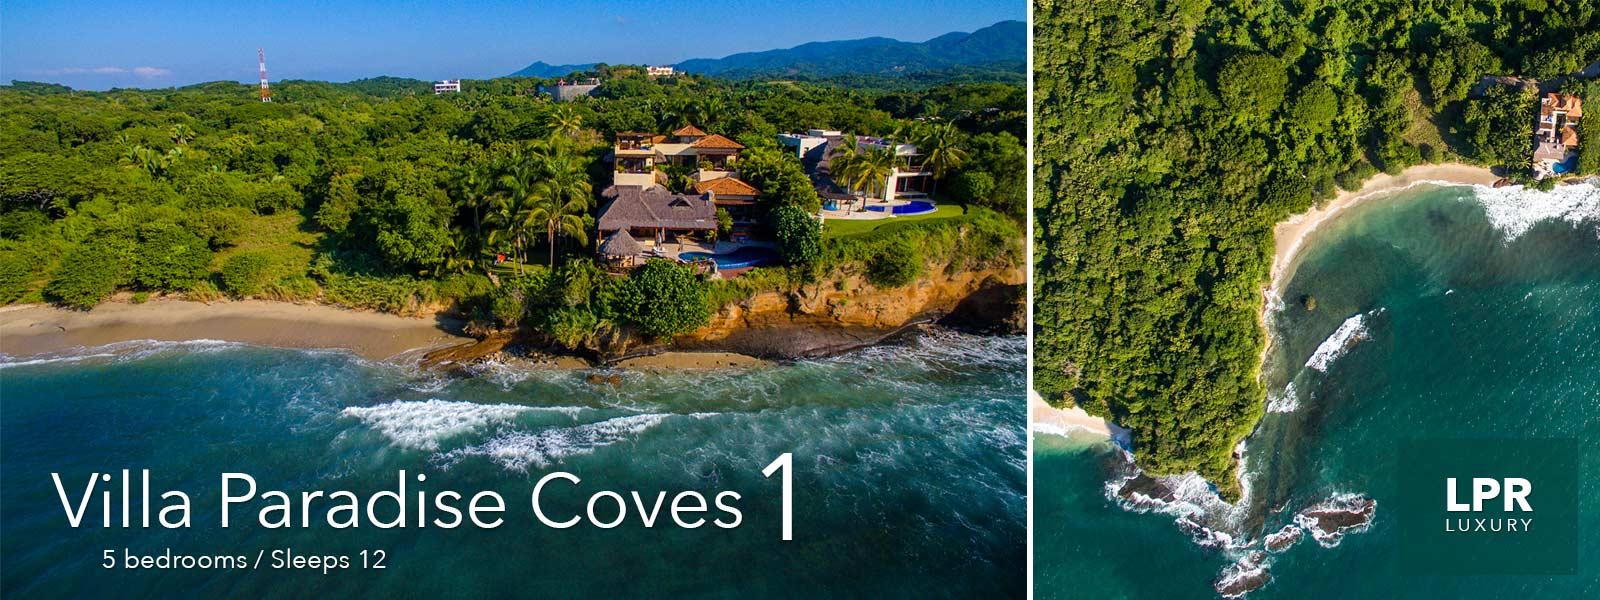 Villa Paradise Coves 1 - Villa Cascadas - Punta de Mita - Mexico